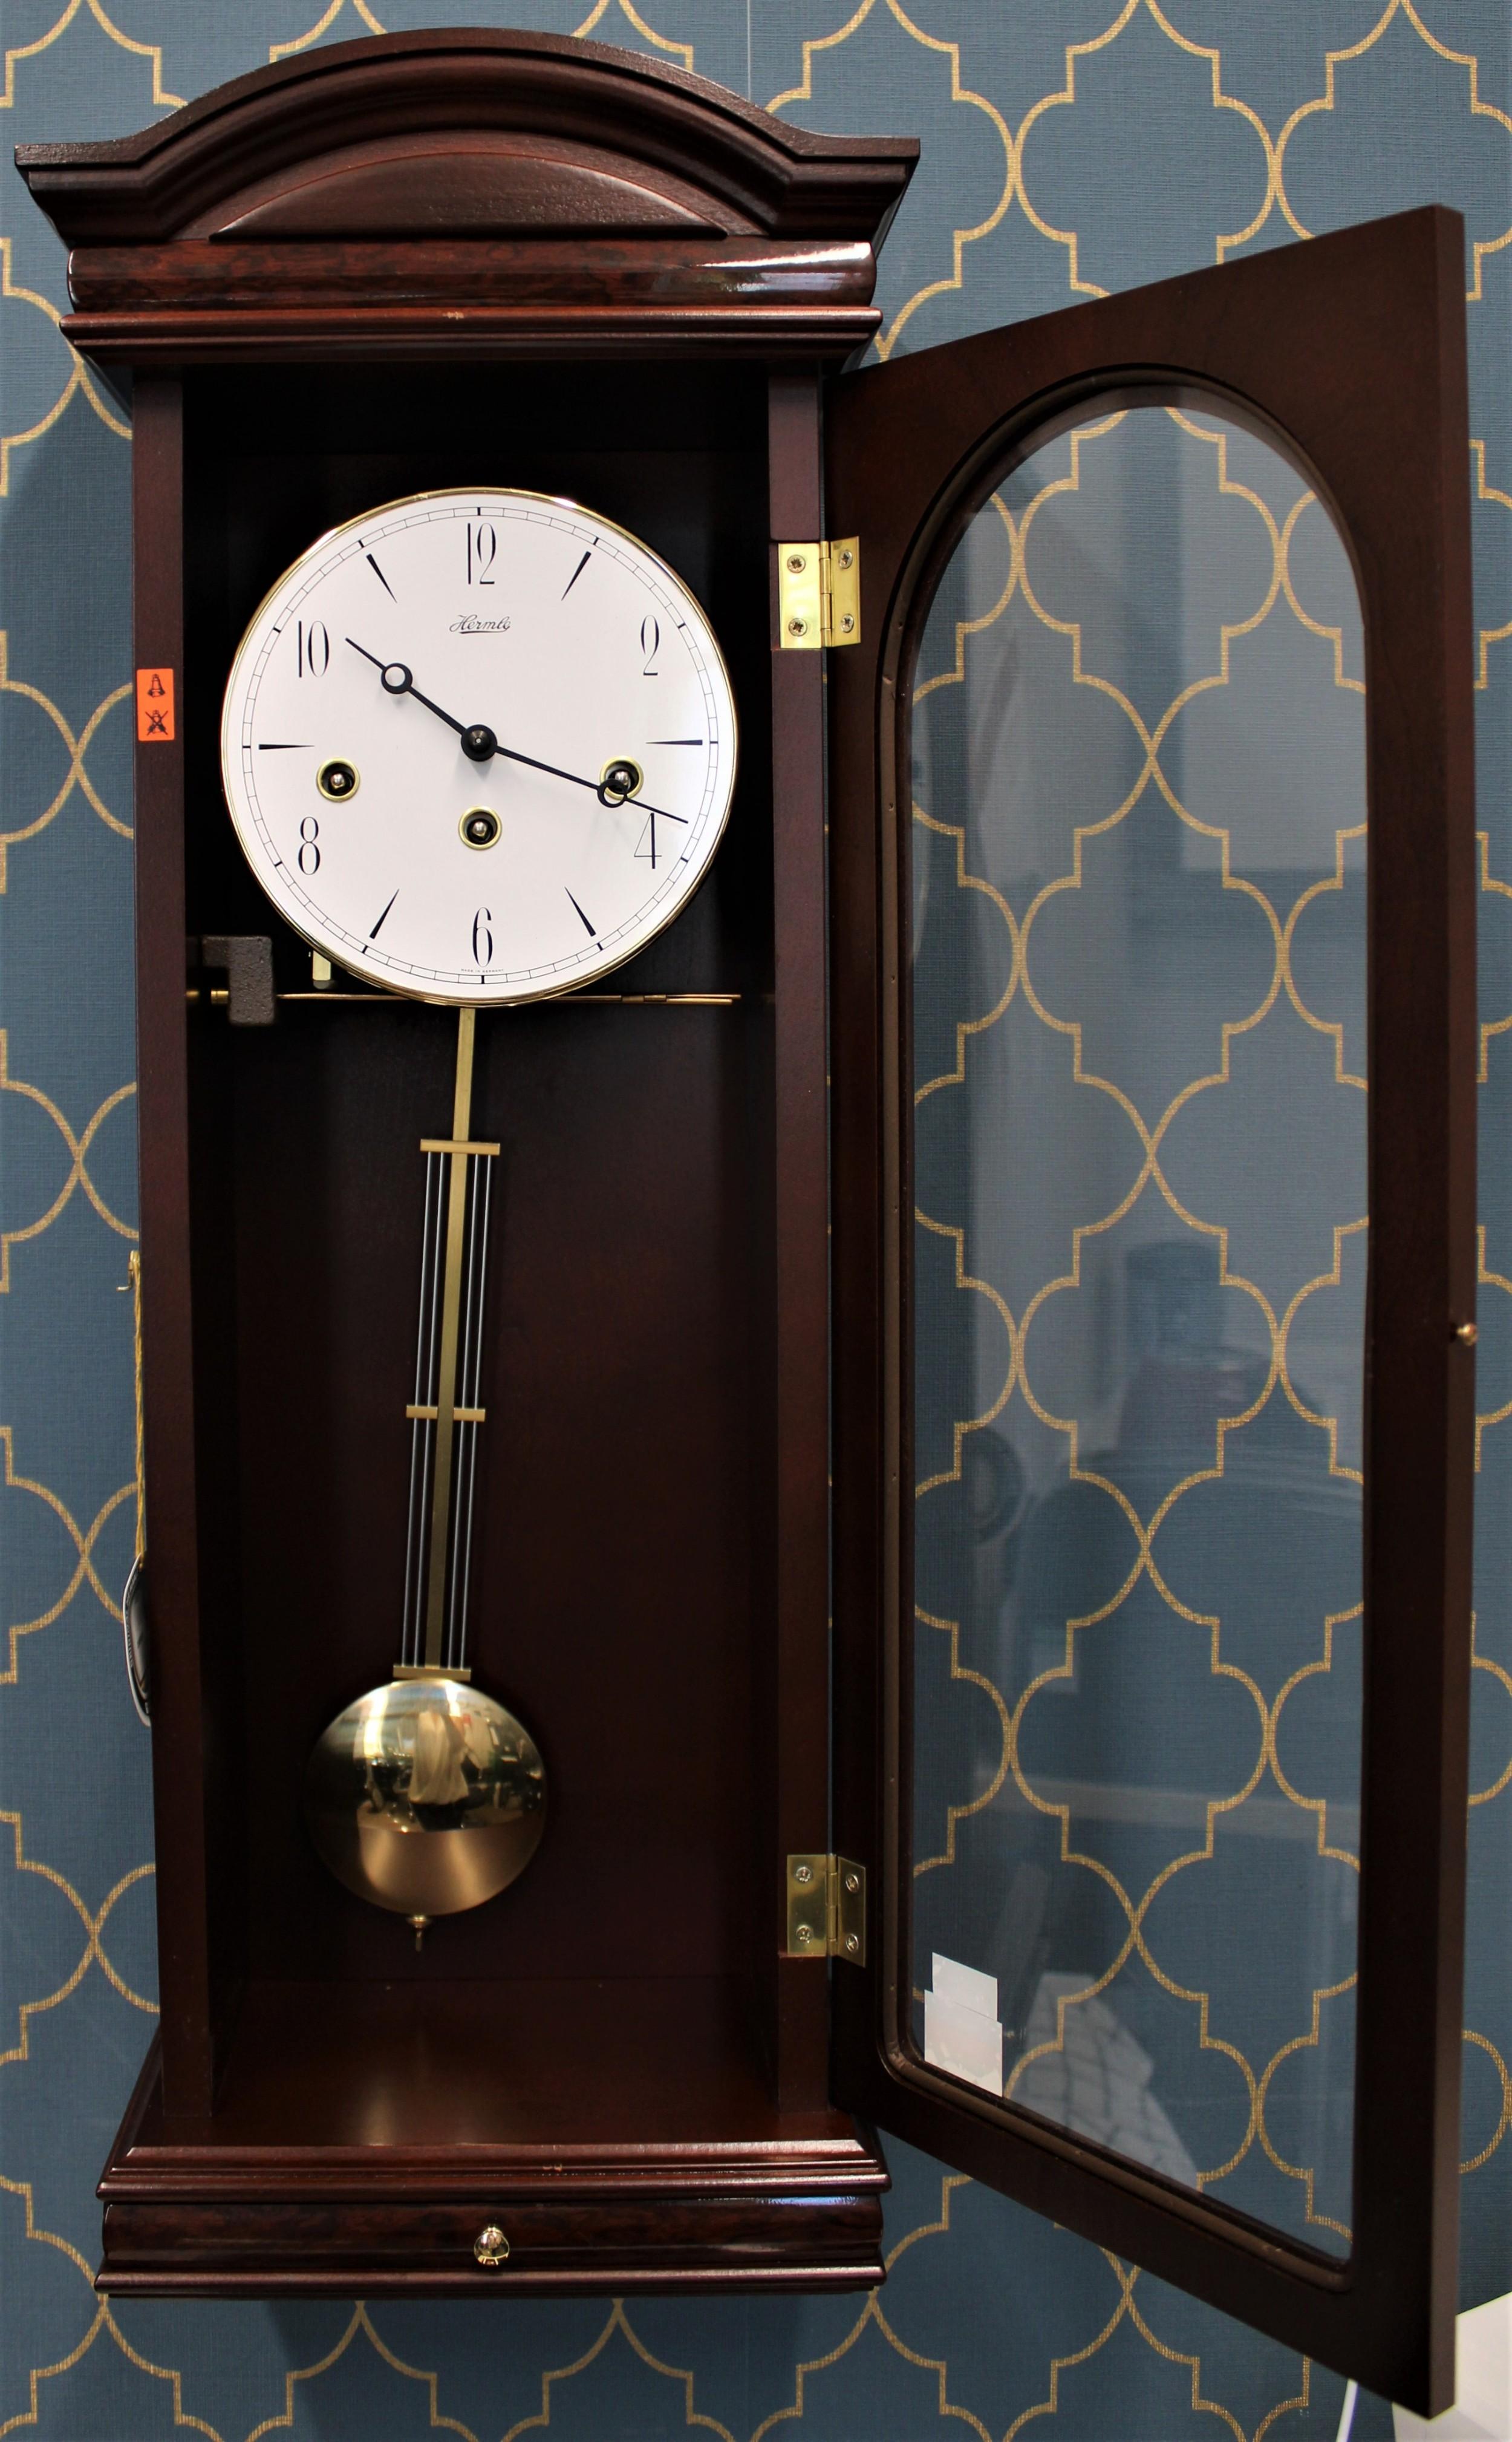 8 day hermle mahogany style wall clock